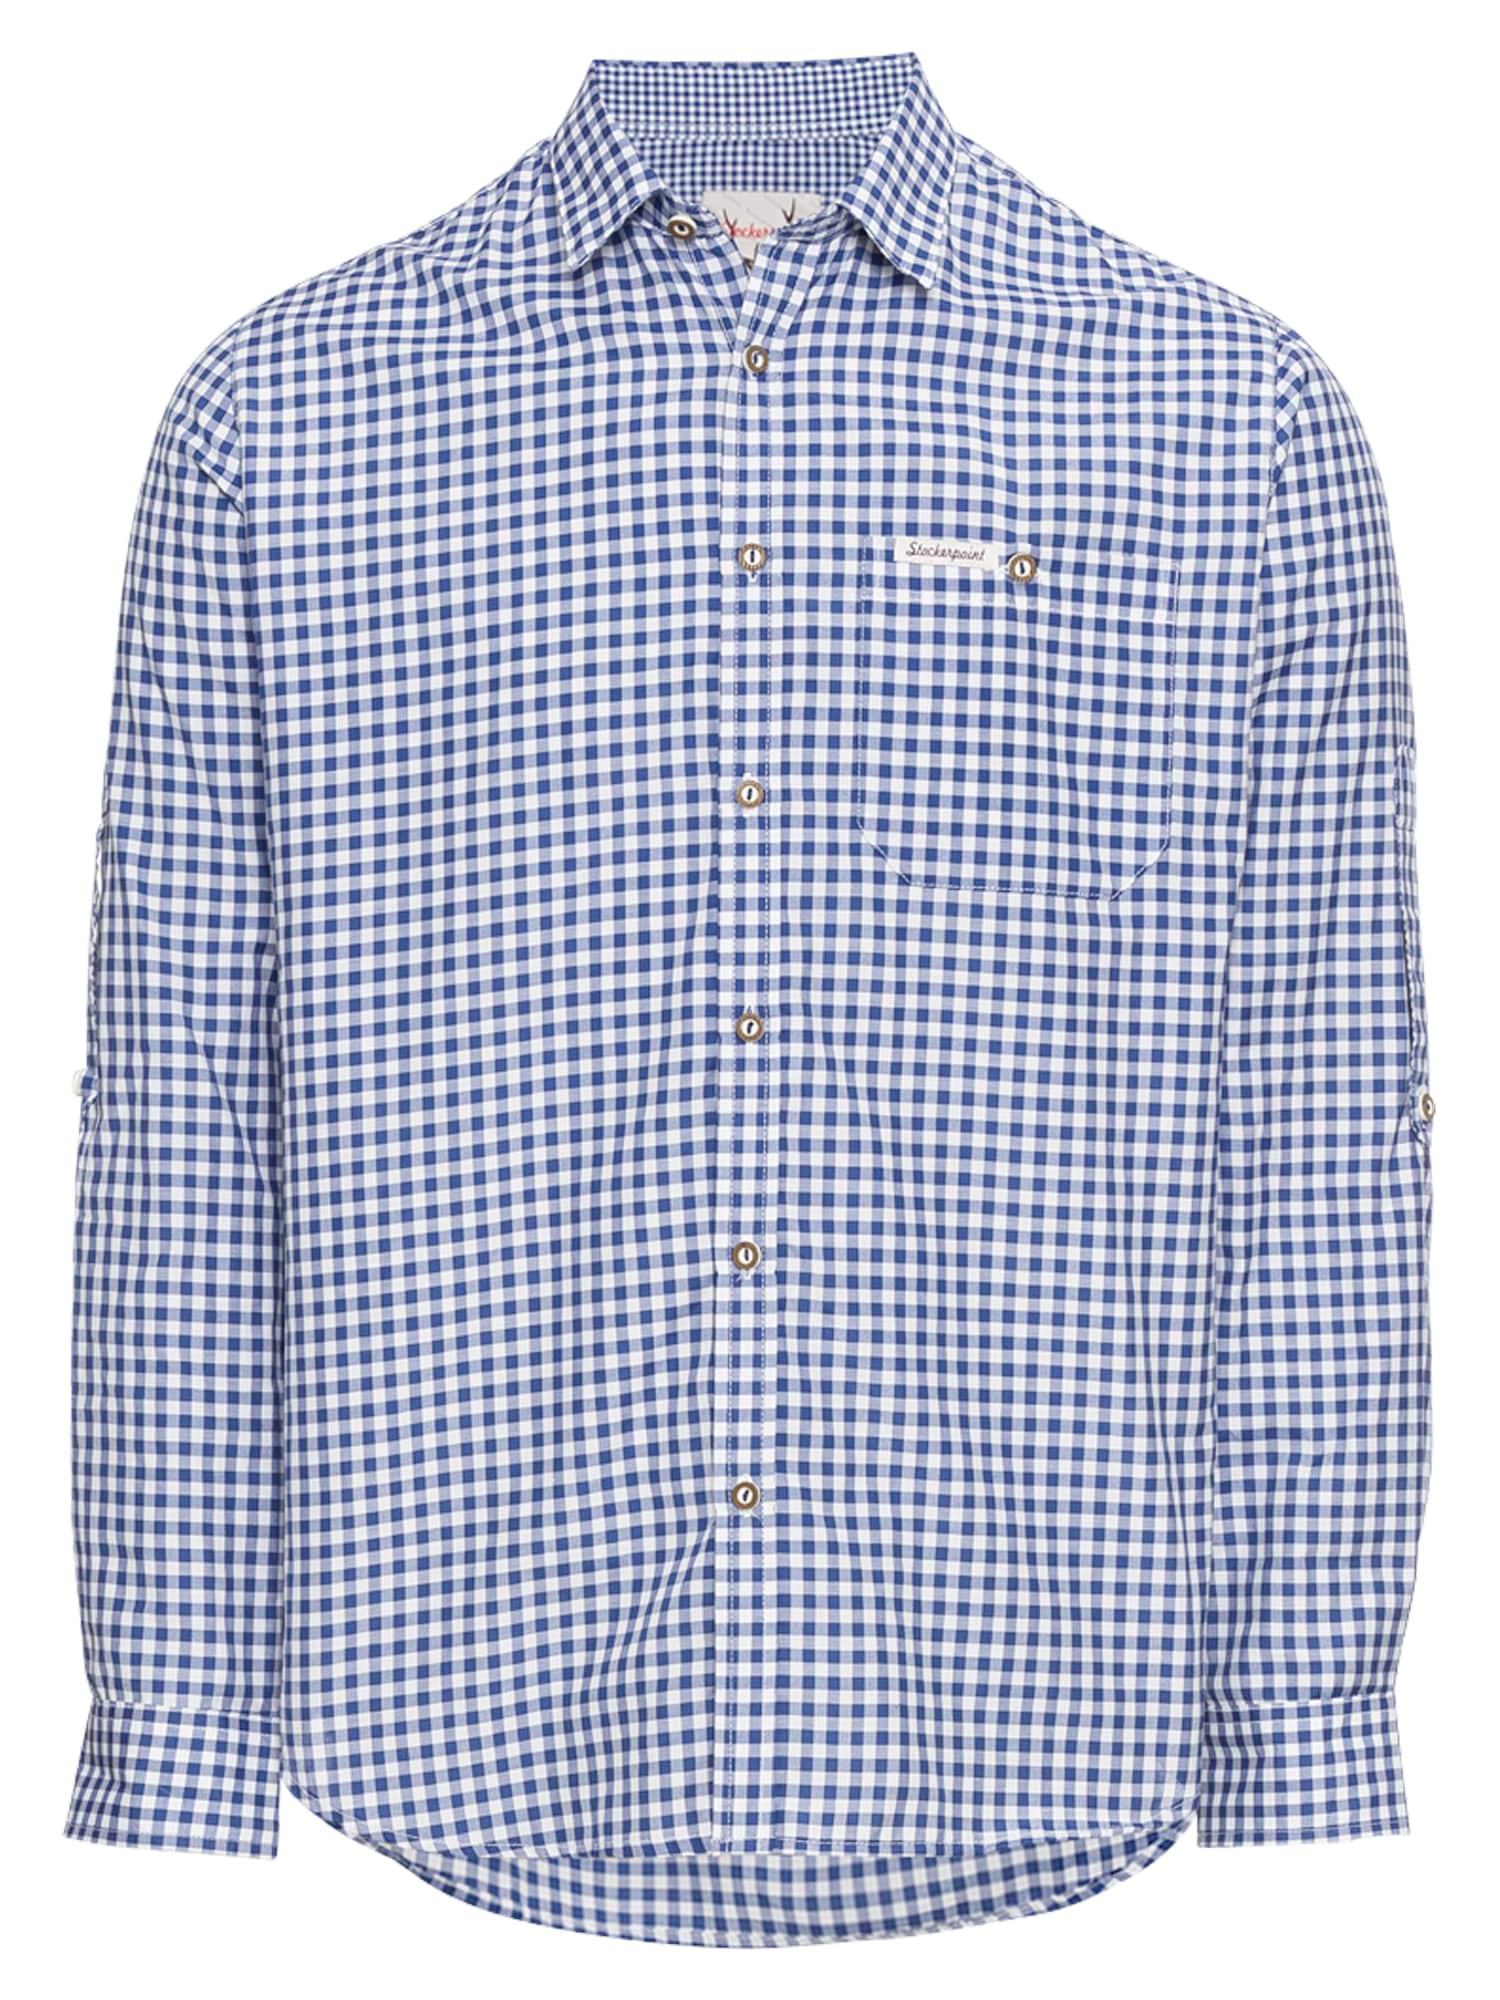 STOCKERPOINT Neliemenuoti marškiniai 'Campos3' mėlyna / balta